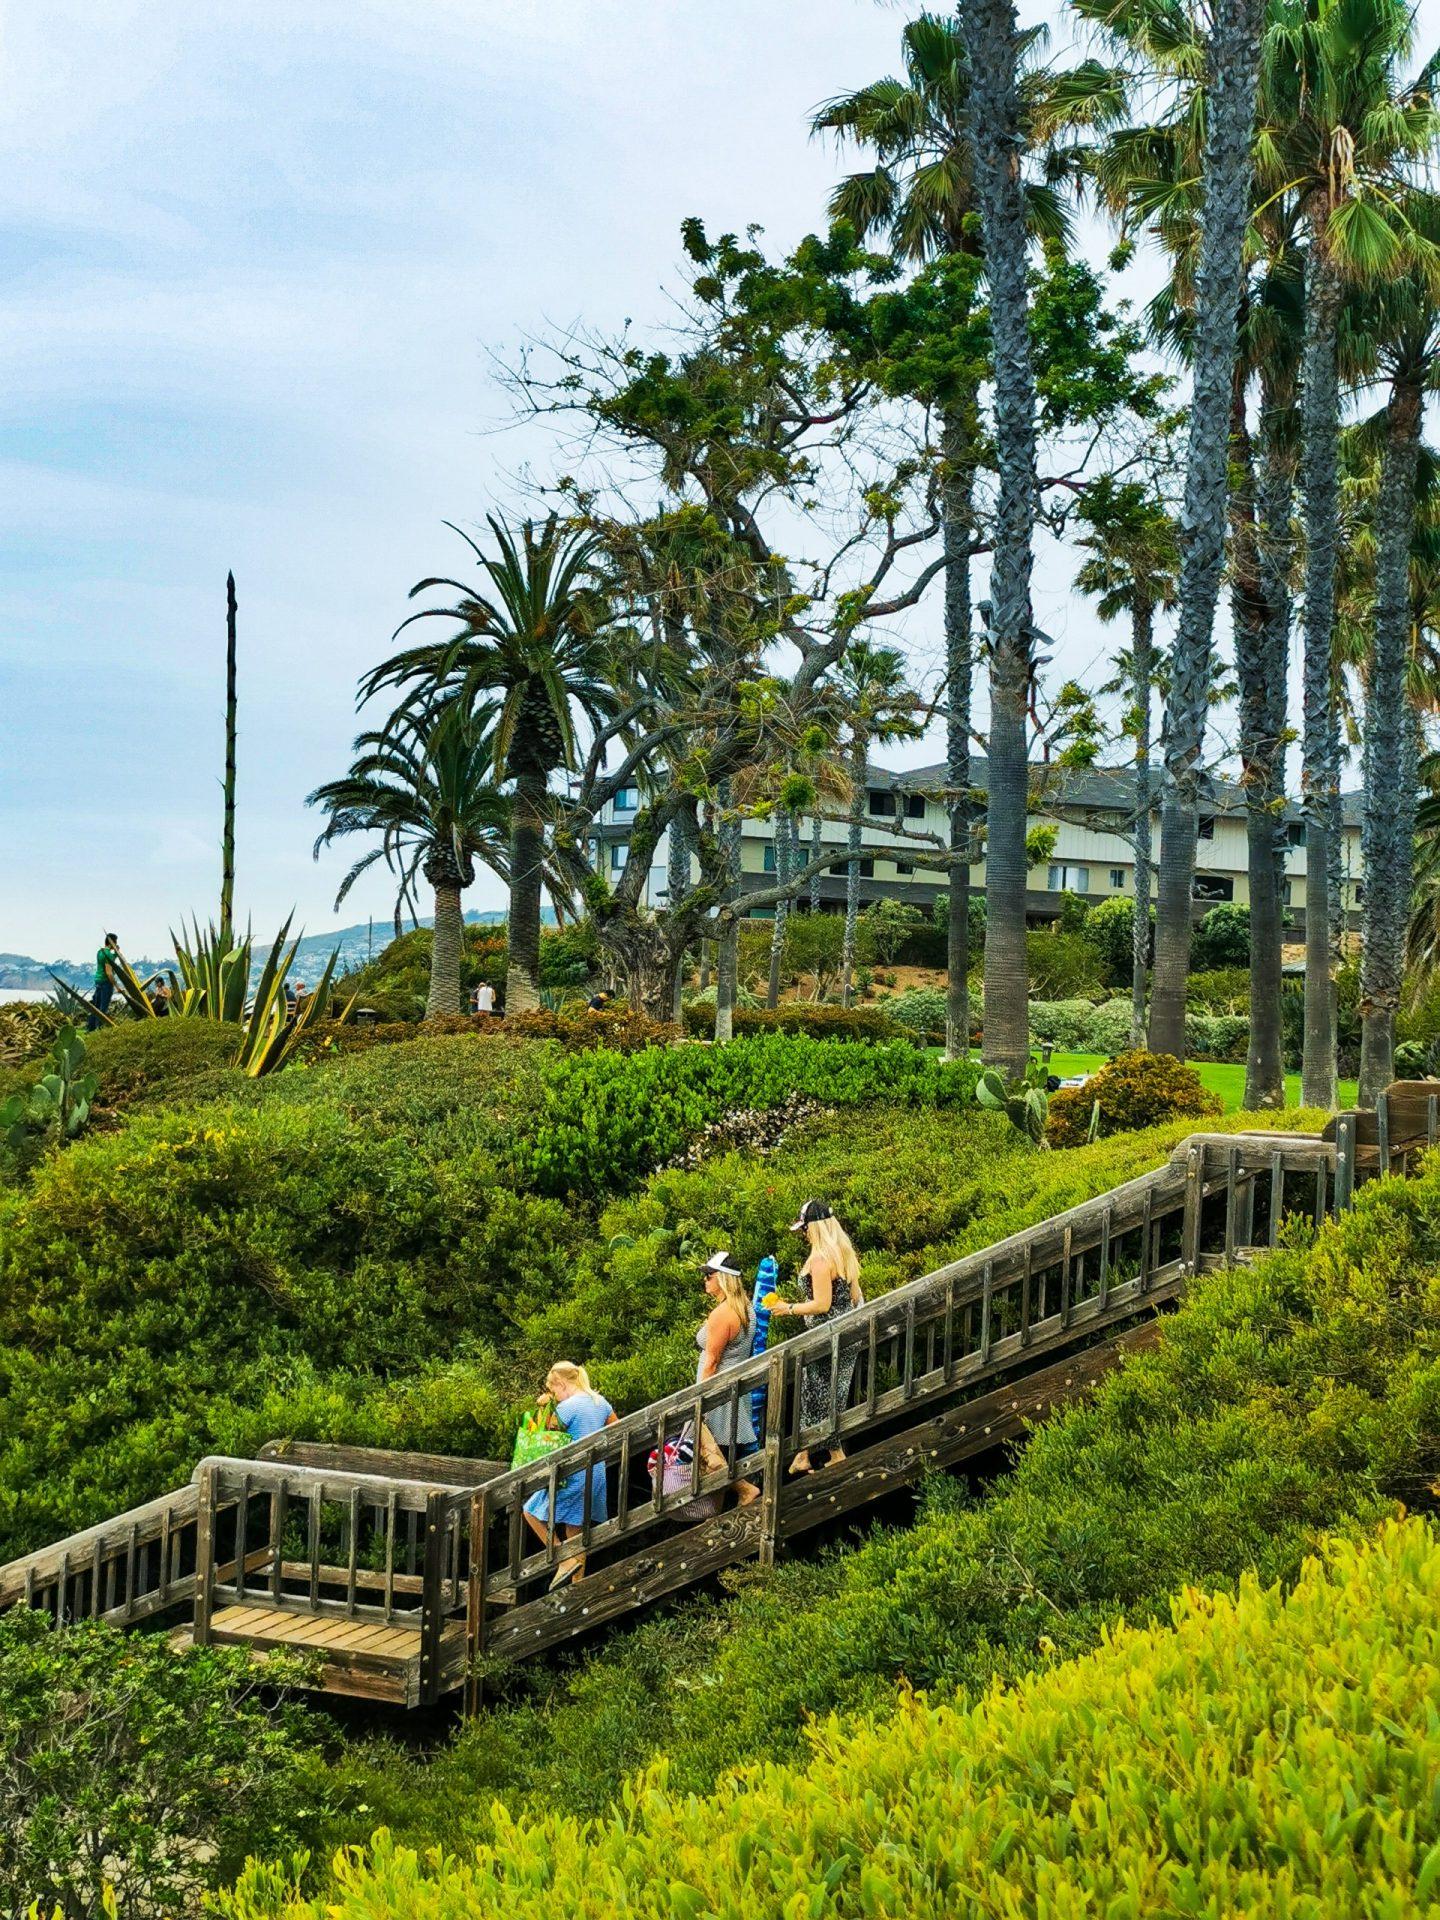 Laguna Beach Tara Povey 5 days in LA Los Angeles itinerary